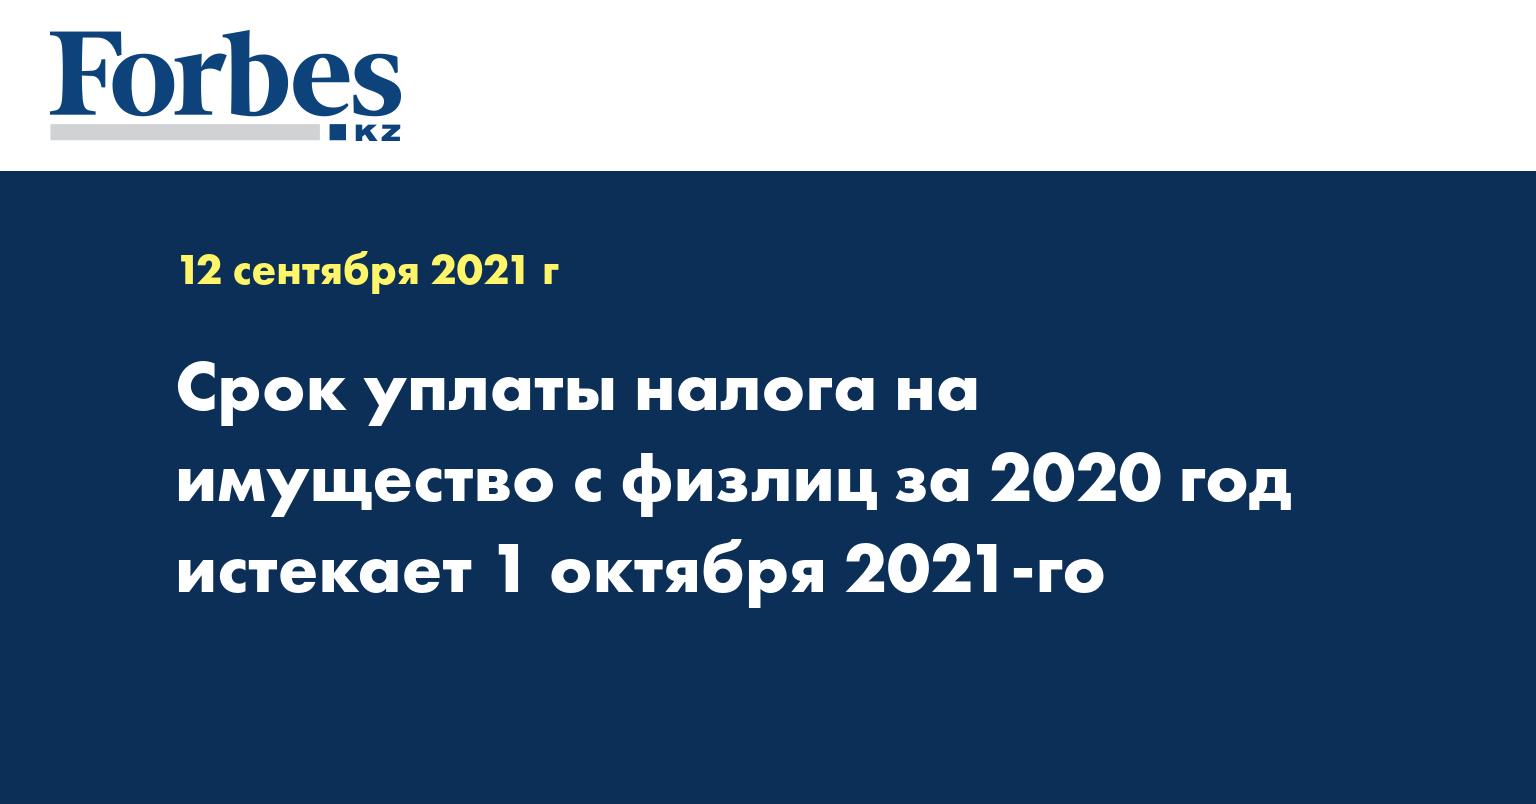 Срок уплаты налога на имущество с физлиц за 2020 год истекает 1 октября 2021-го